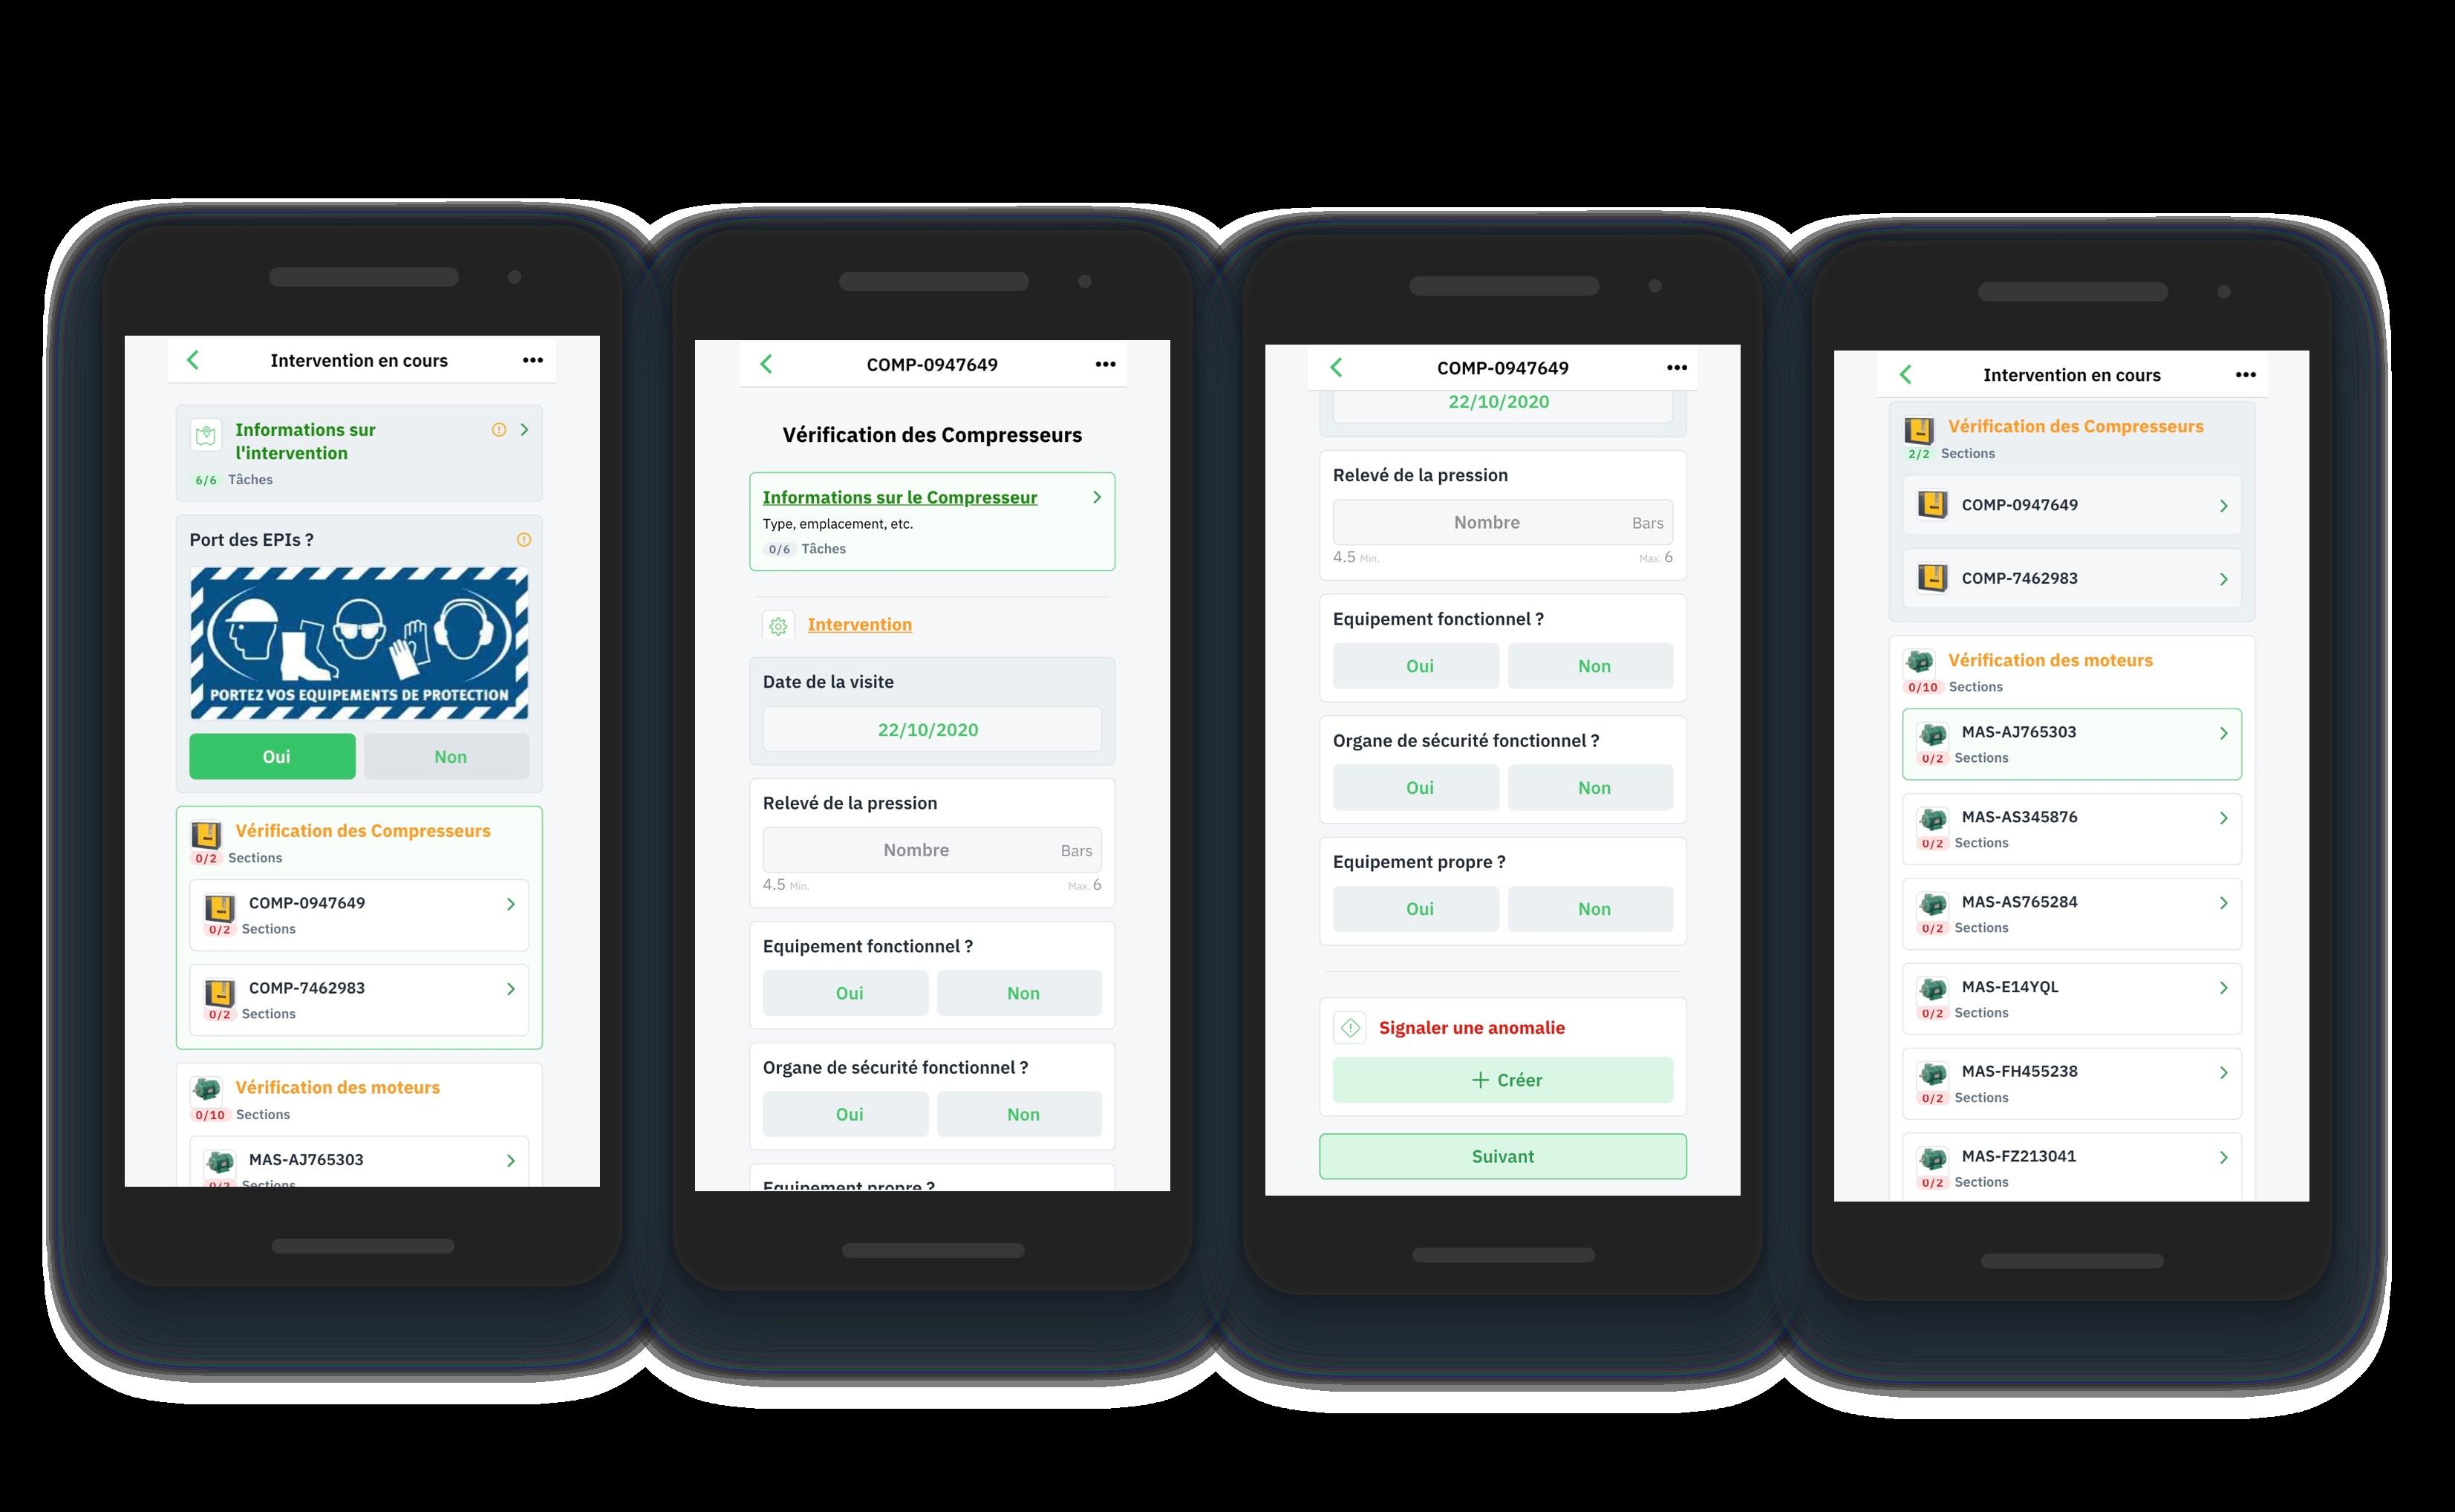 Gestion d'audit, formulaires interactifs, application mobile